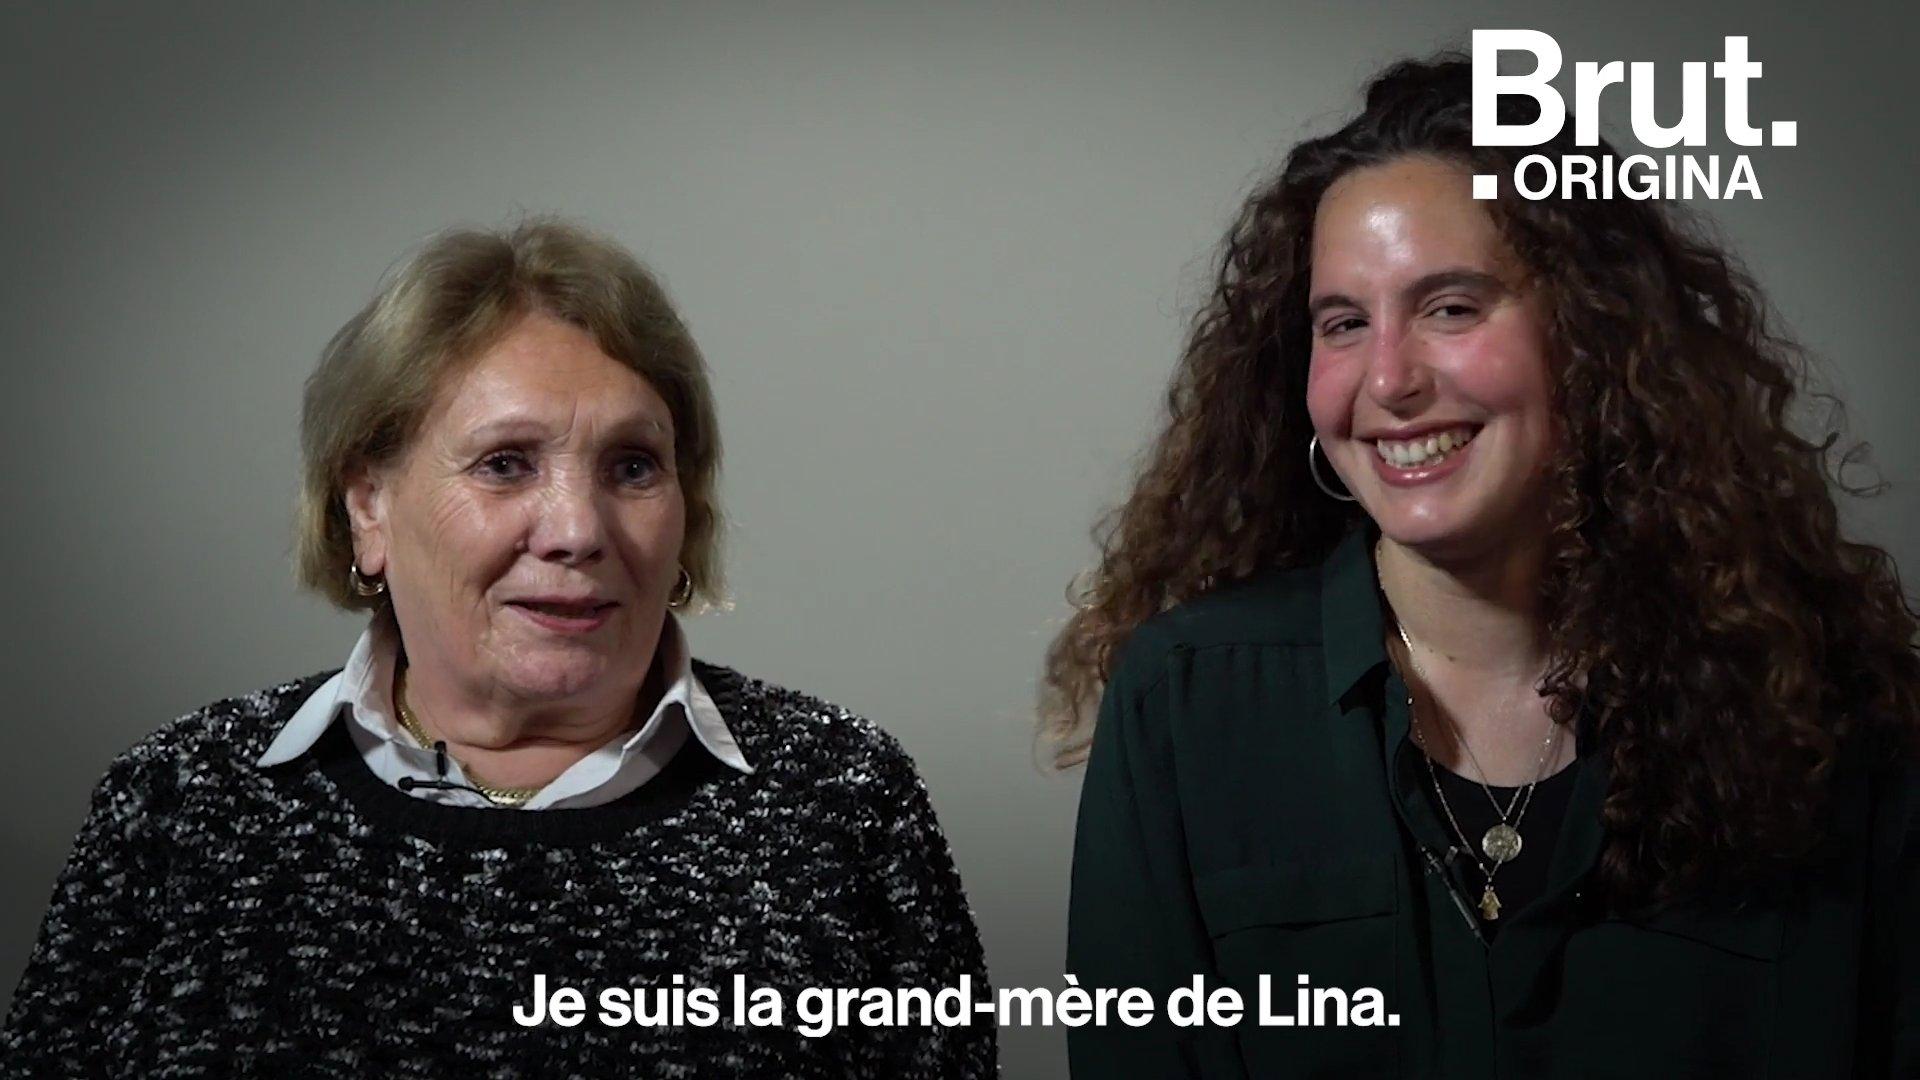 Une grand-mère raconte son exil d'Algérie à sa petite-fille